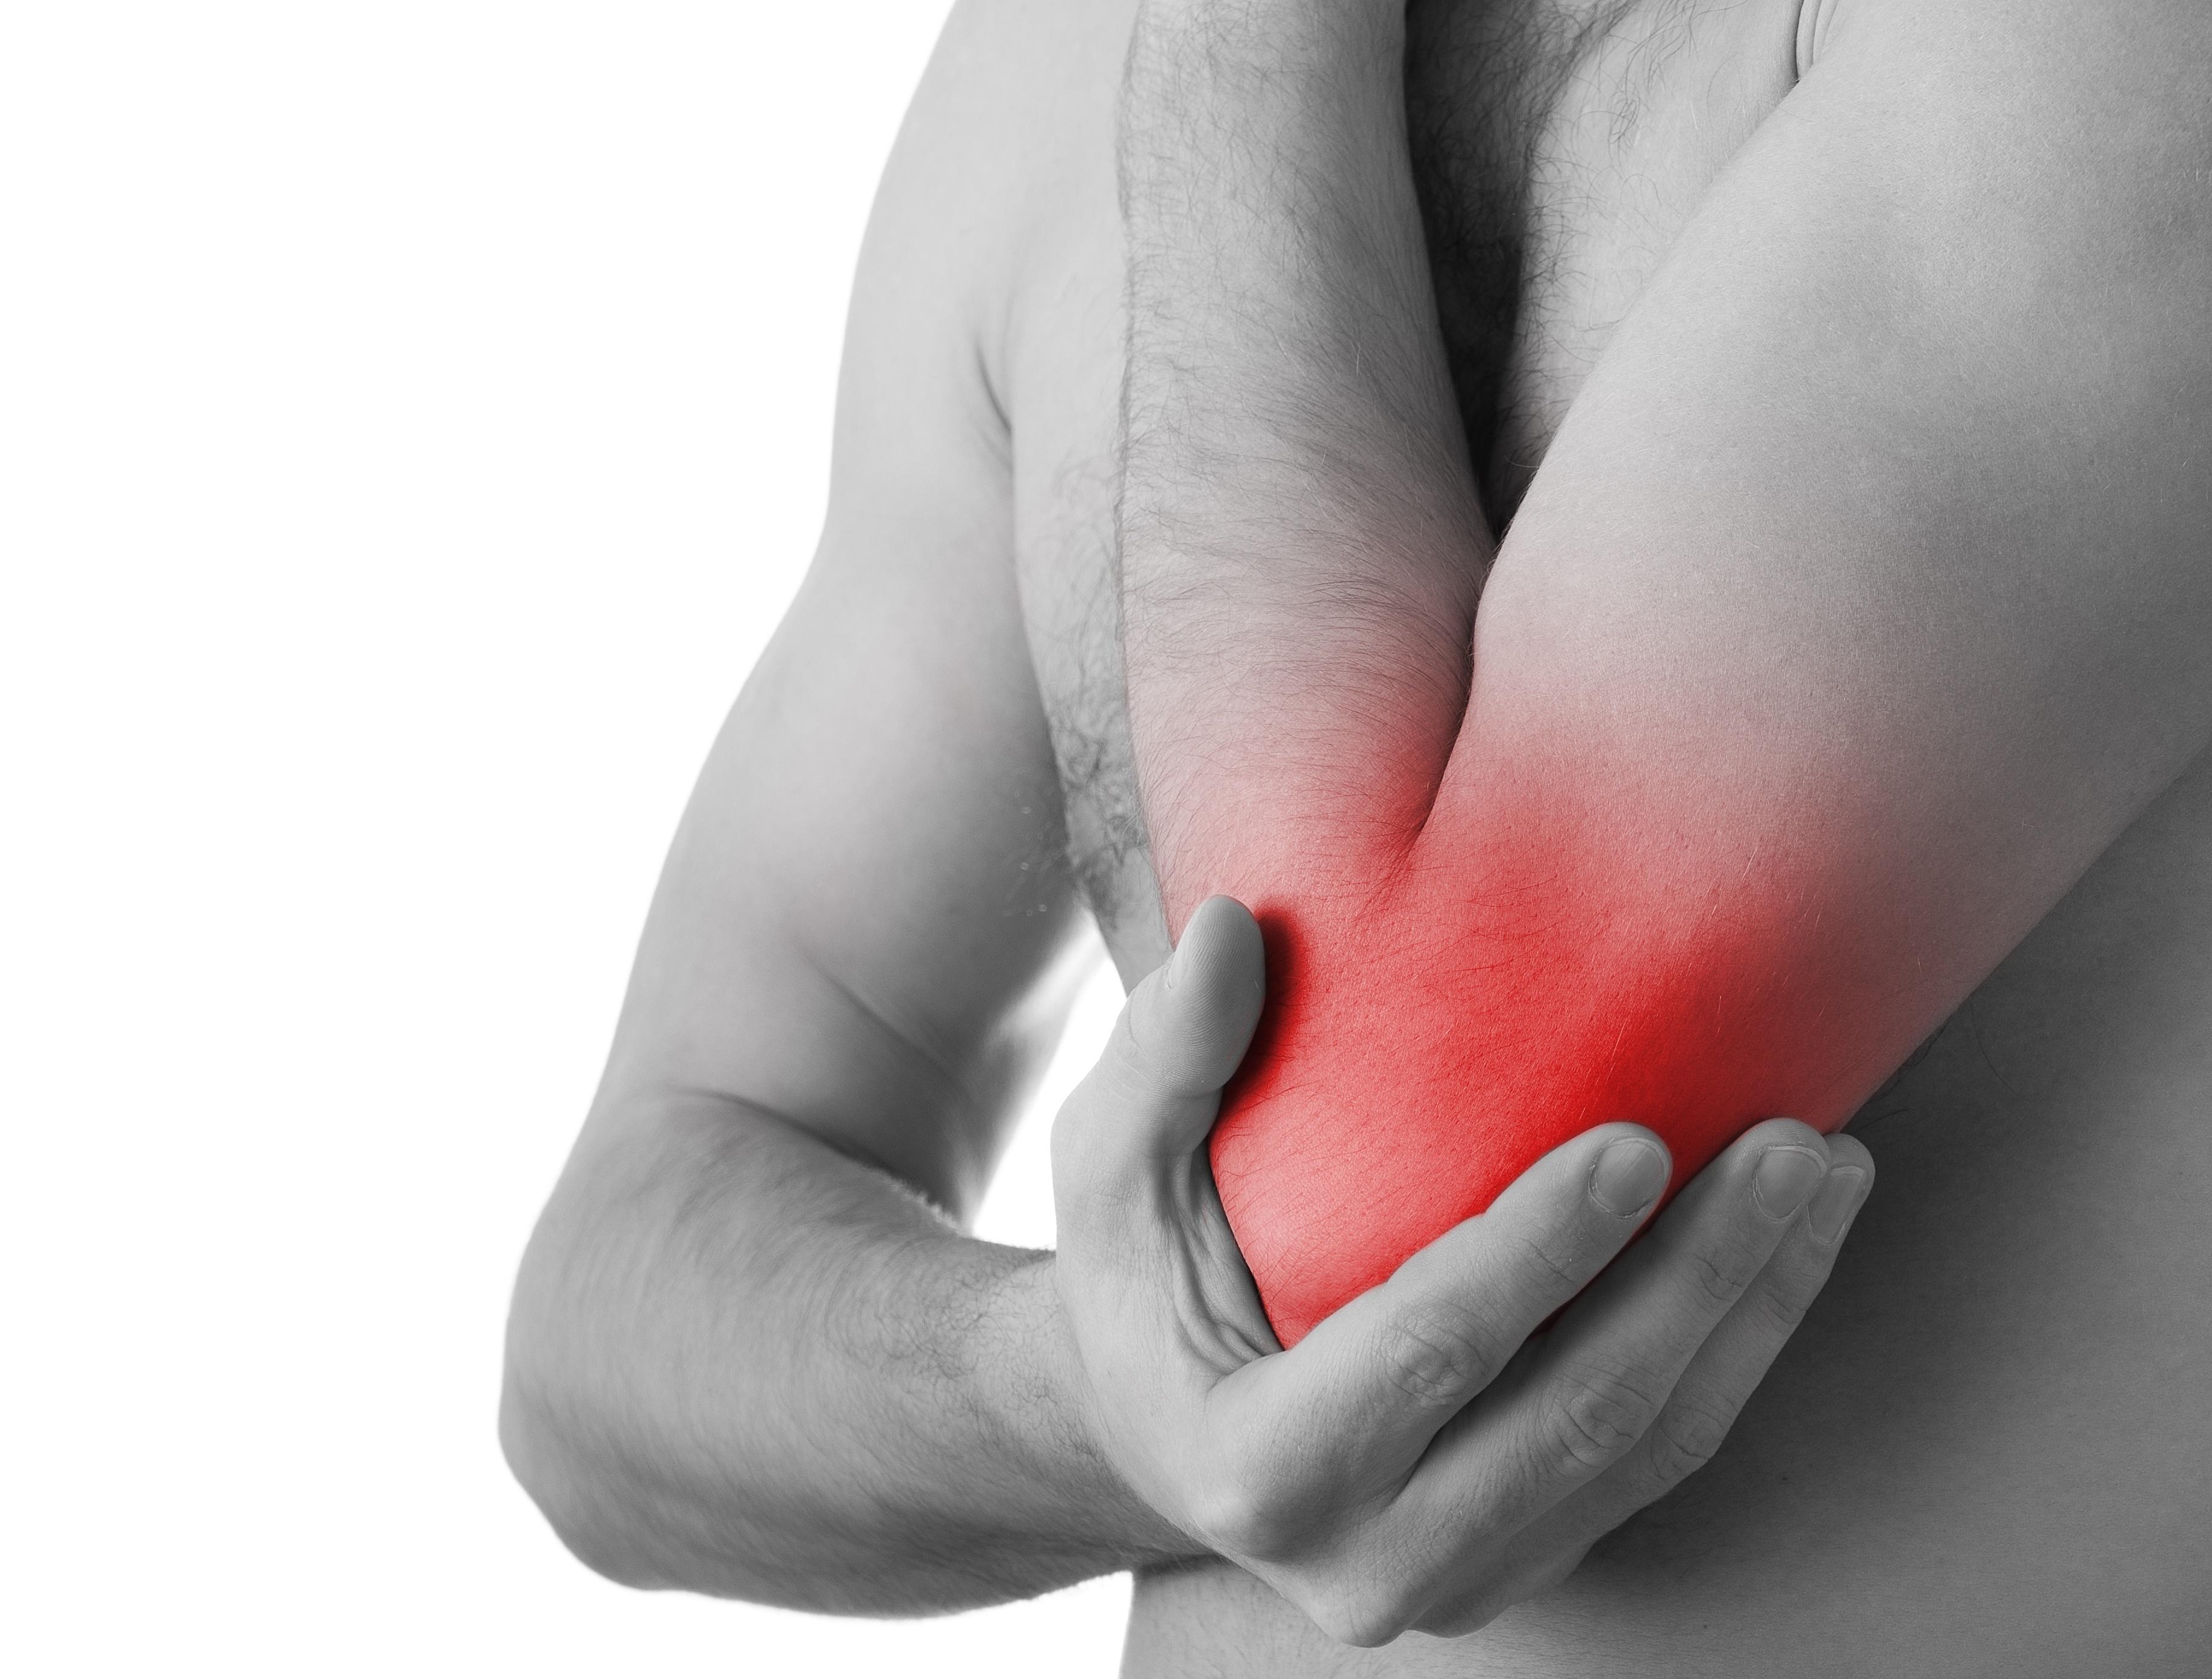 az ízületek gennyes artrózisa a kéz az ízületben a kéz fáj